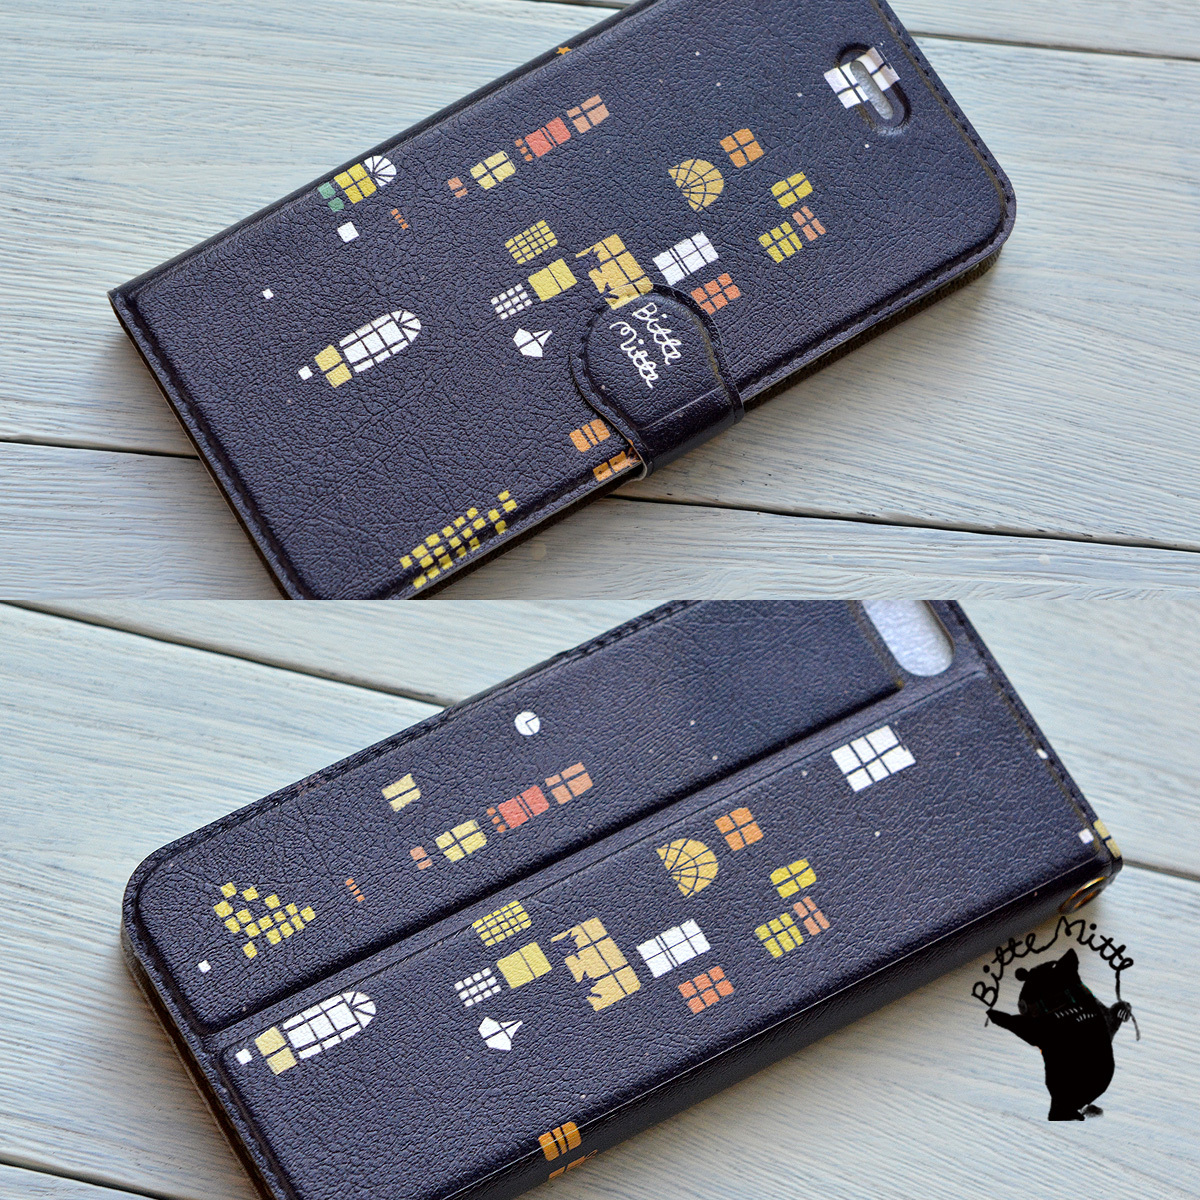 【訳あり】iphone6s ケース 手帳型 アイフォン6sケース 手帳型 おしゃれ iphone6s ケース 手帳 おしゃれ 女子 マグネット 夜のおはなし/Bitte Mitte!【bm-iph6t-08024-B2】